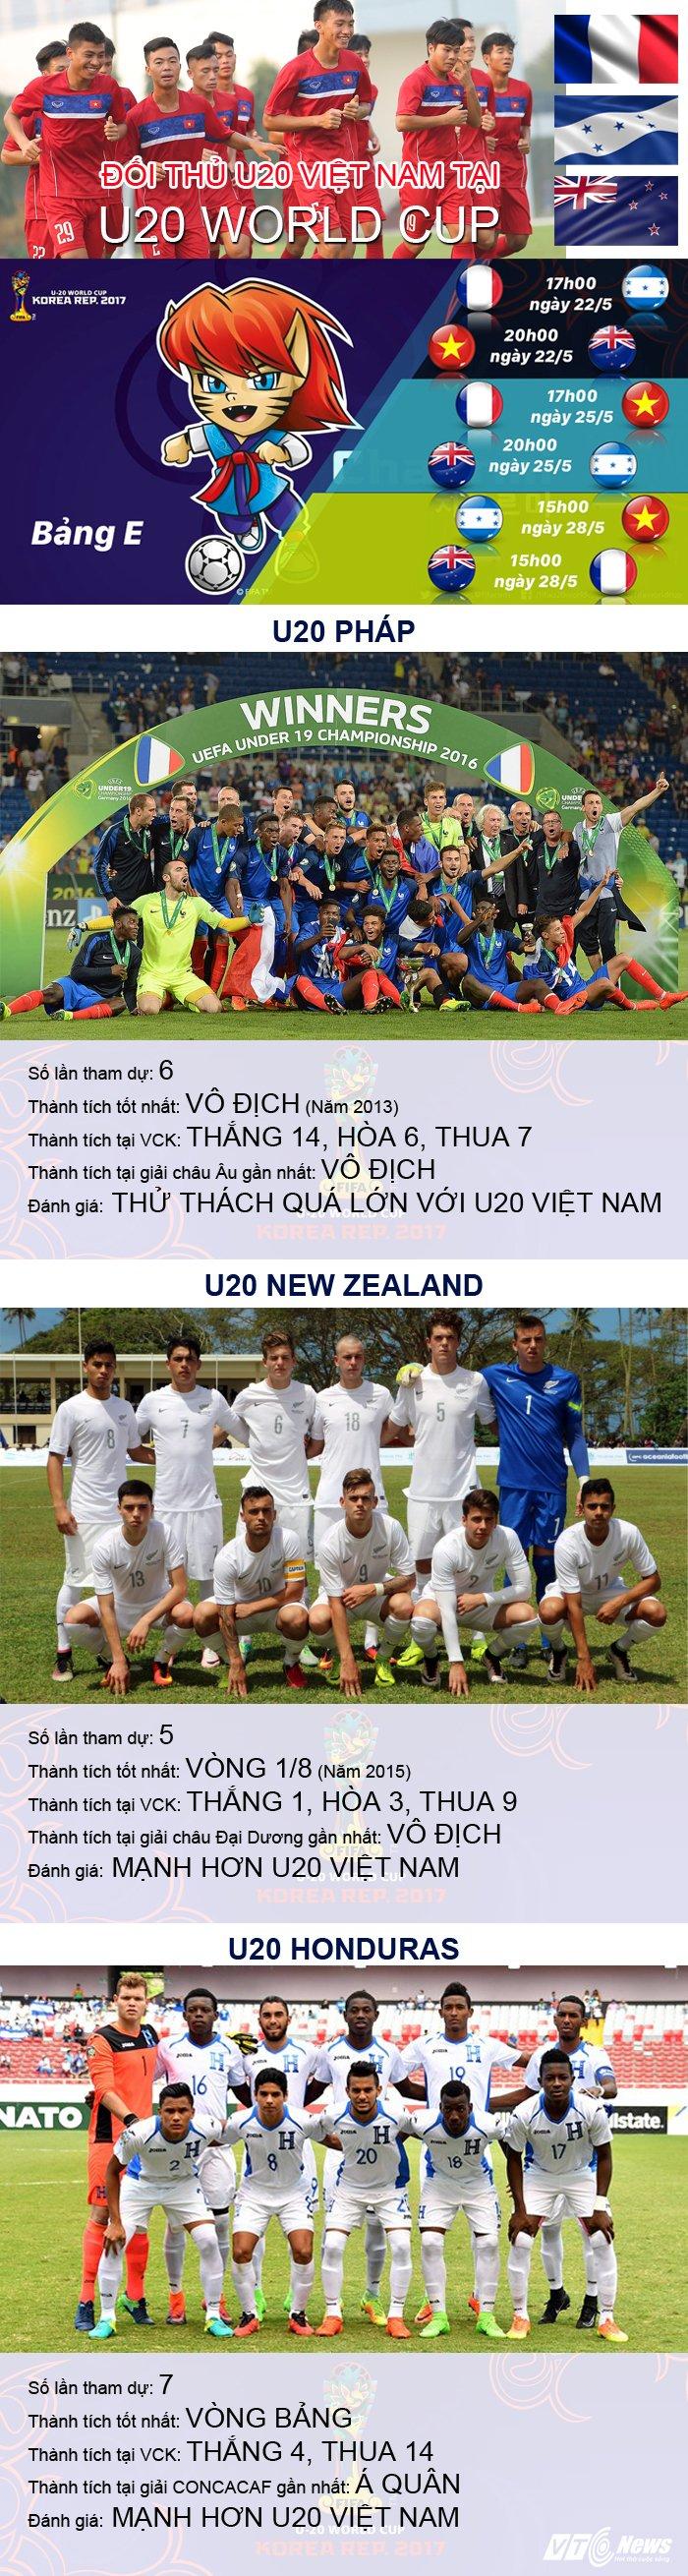 Diem danh 3 doi thu cua U20 Viet Nam tai vong bang U20 World Cup hinh anh 1